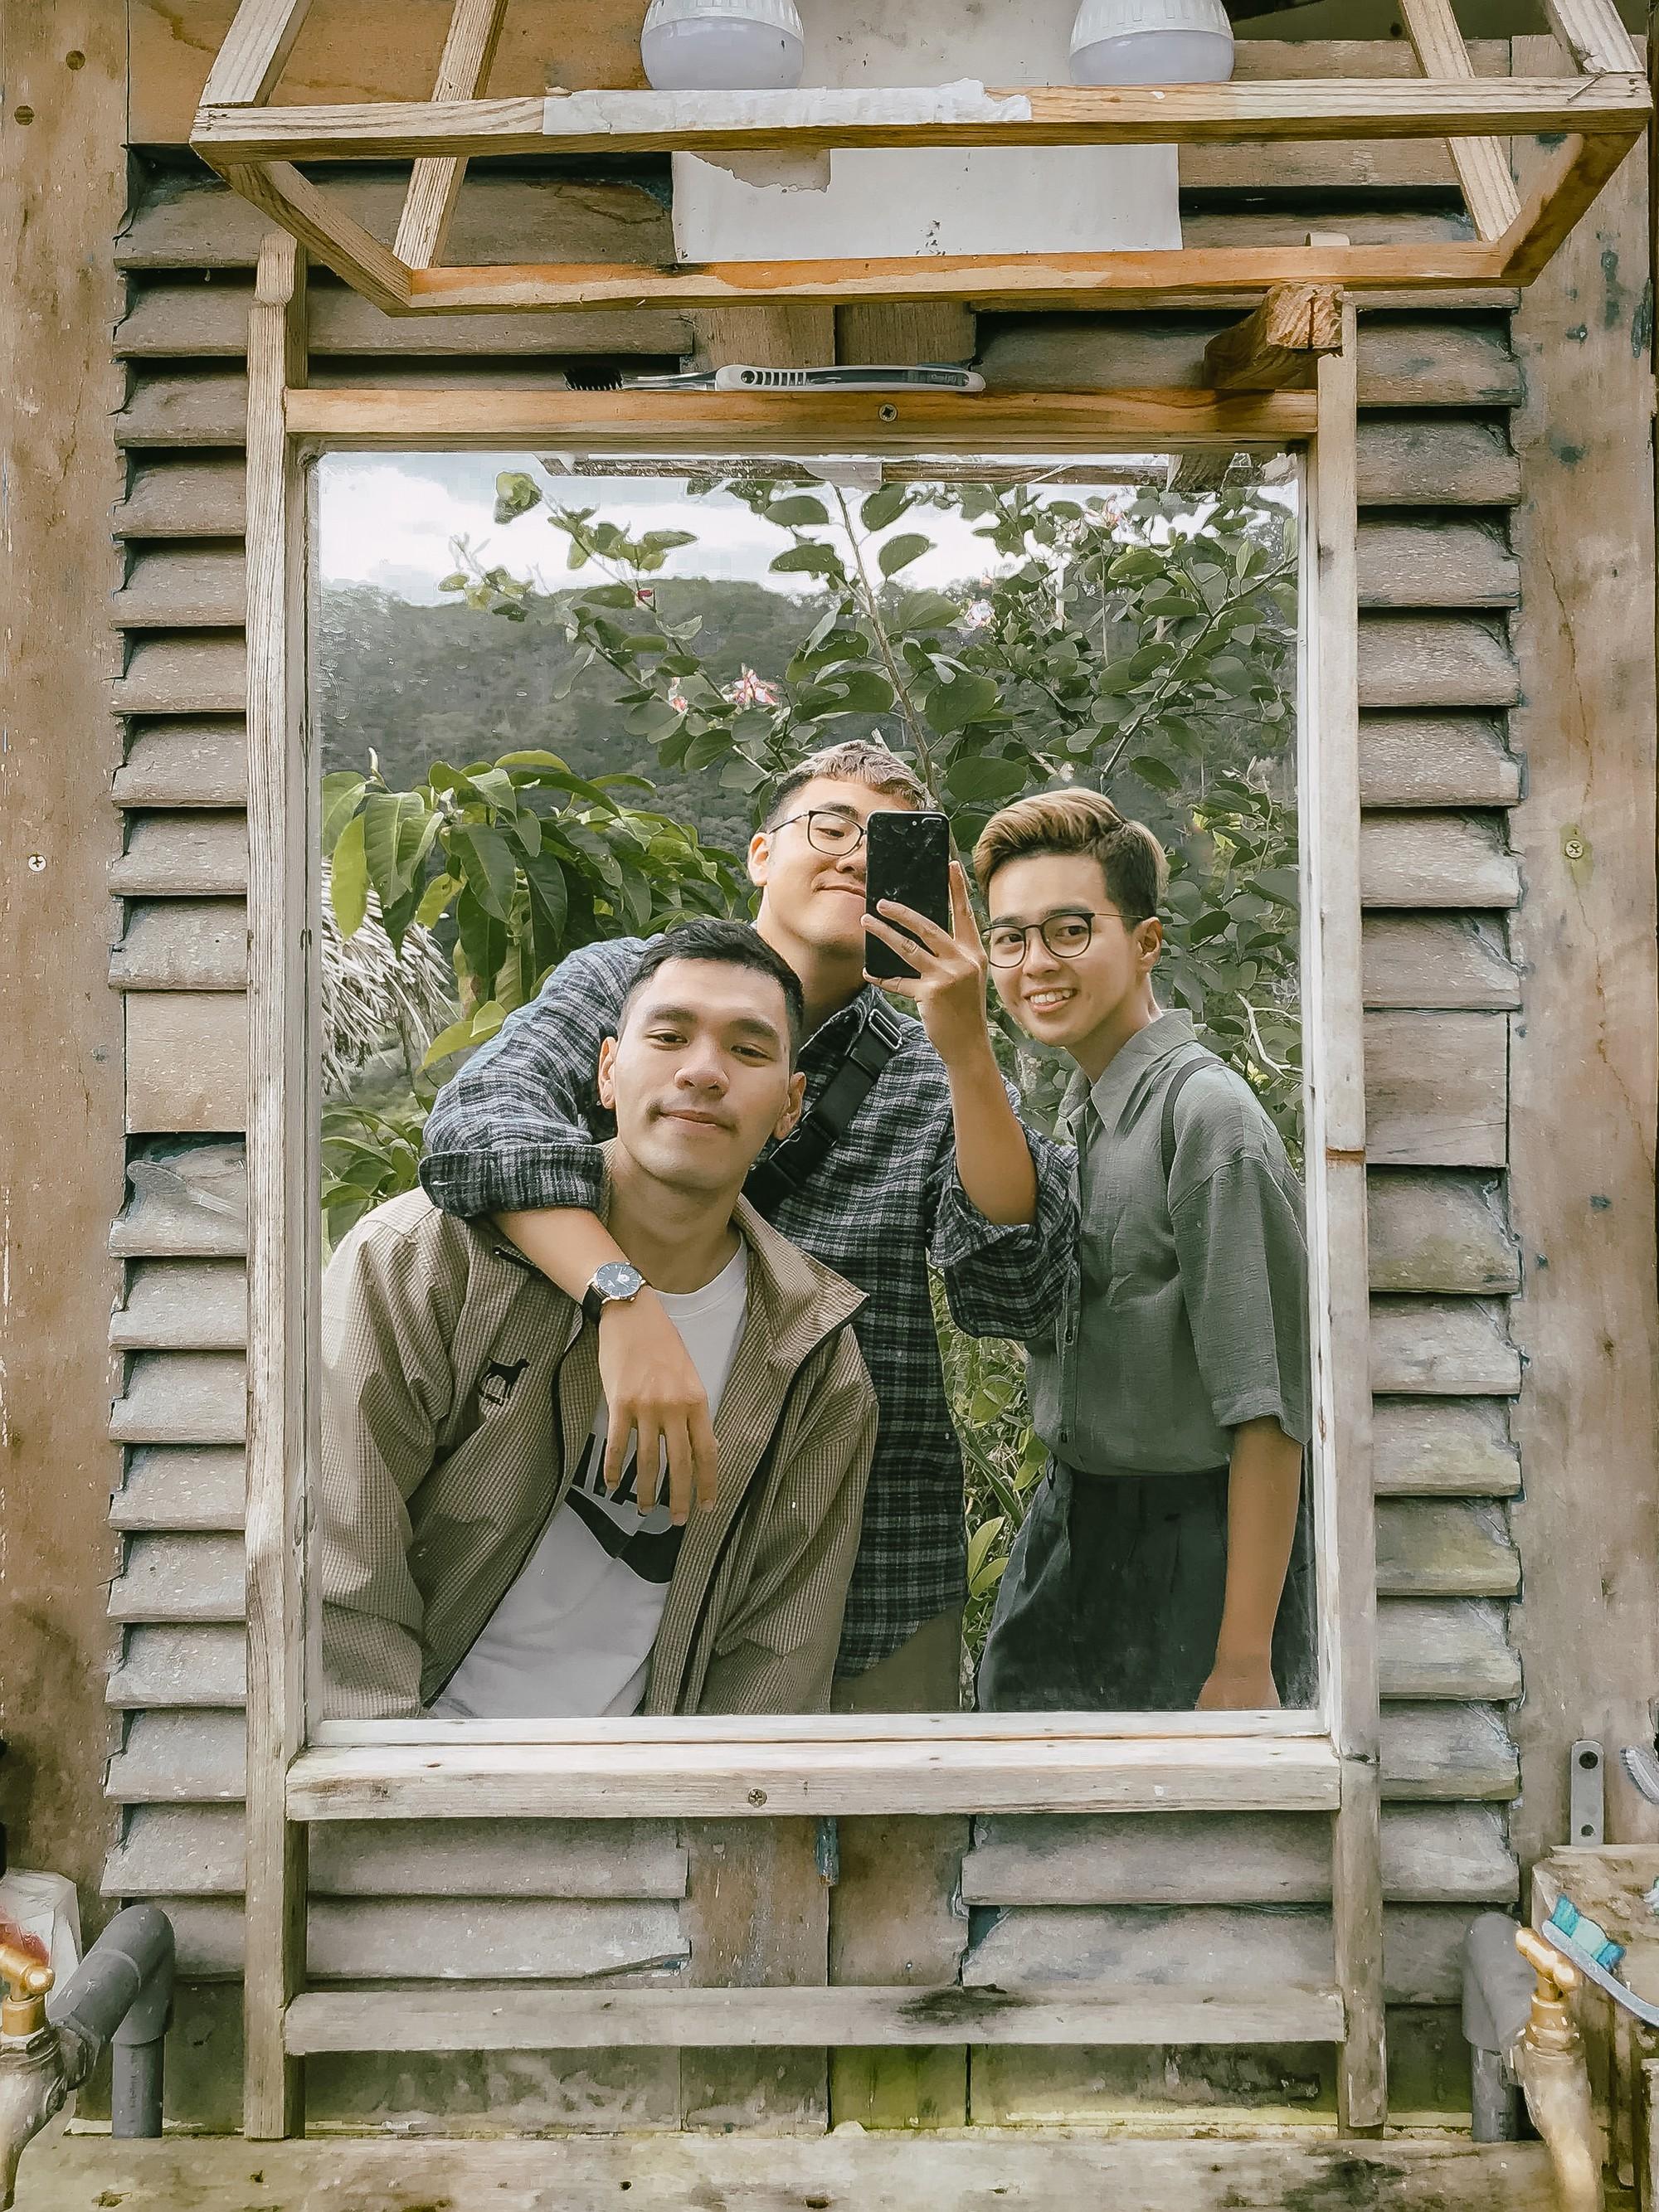 Hội bạn thân 3 miền Bắc - Trung - Nam rủ nhau lên Đà Lạt, chụp ảnh nhóm xuất sắc như bìa tạp chí - Ảnh 4.